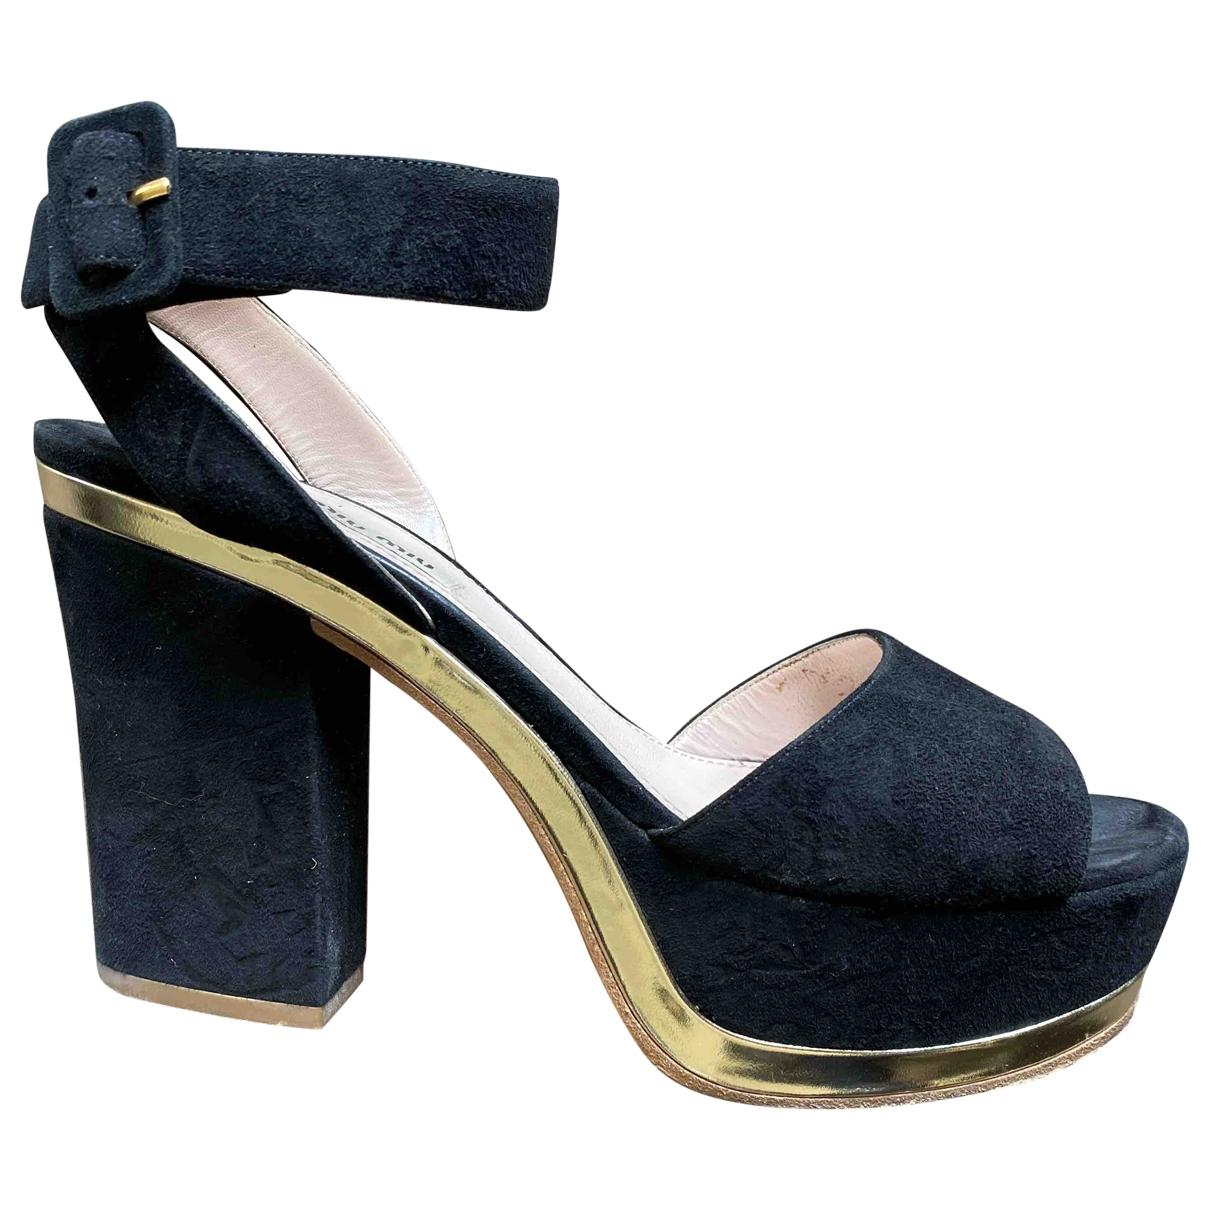 Miu Miu - Sandales   pour femme en suede - noir